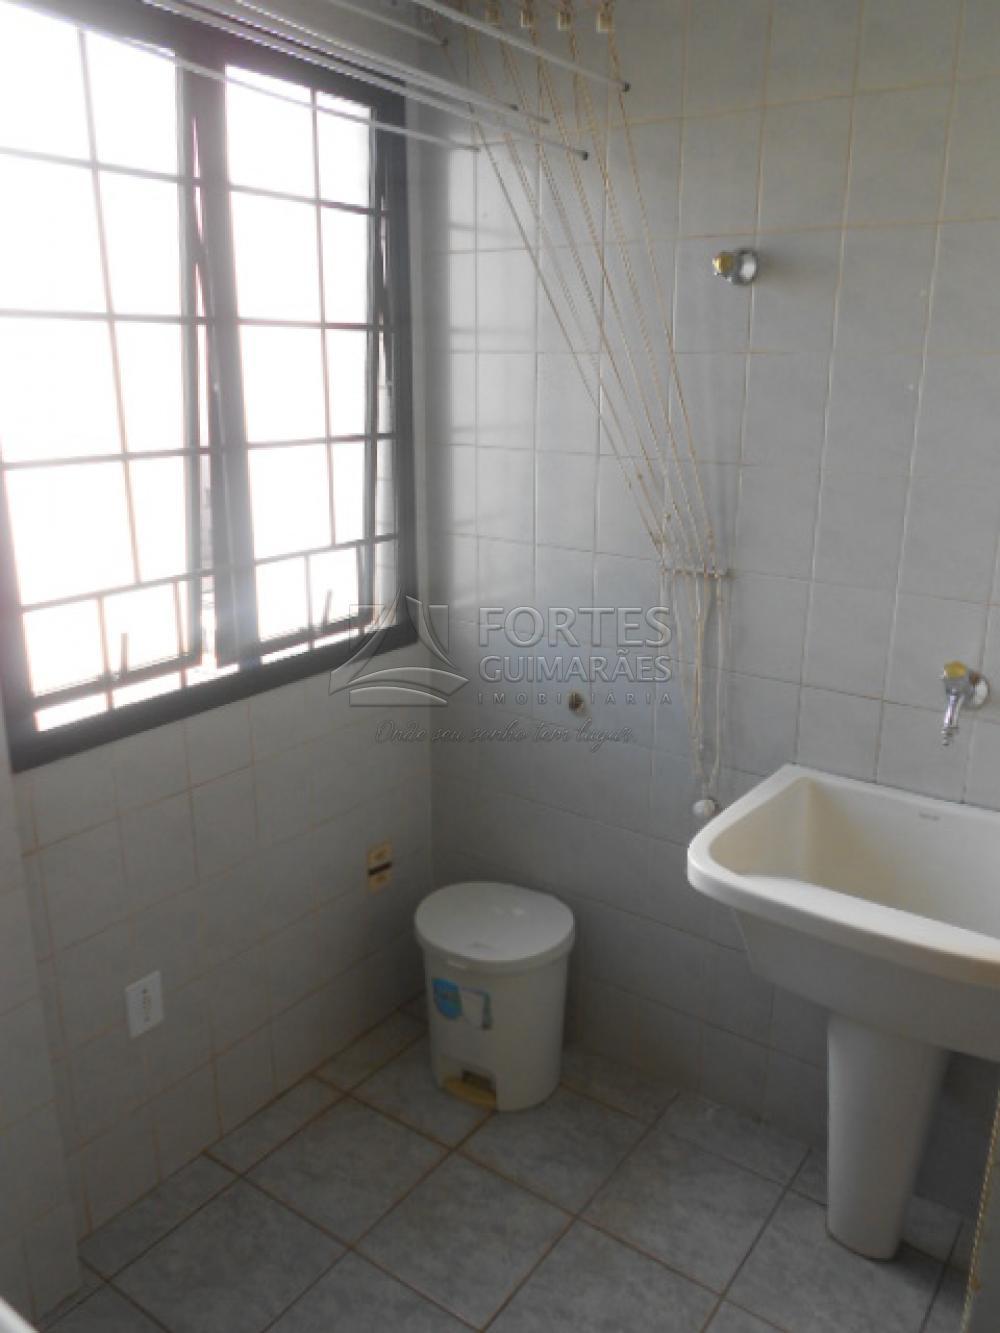 Alugar Apartamentos / Padrão em Ribeirão Preto apenas R$ 1.100,00 - Foto 46